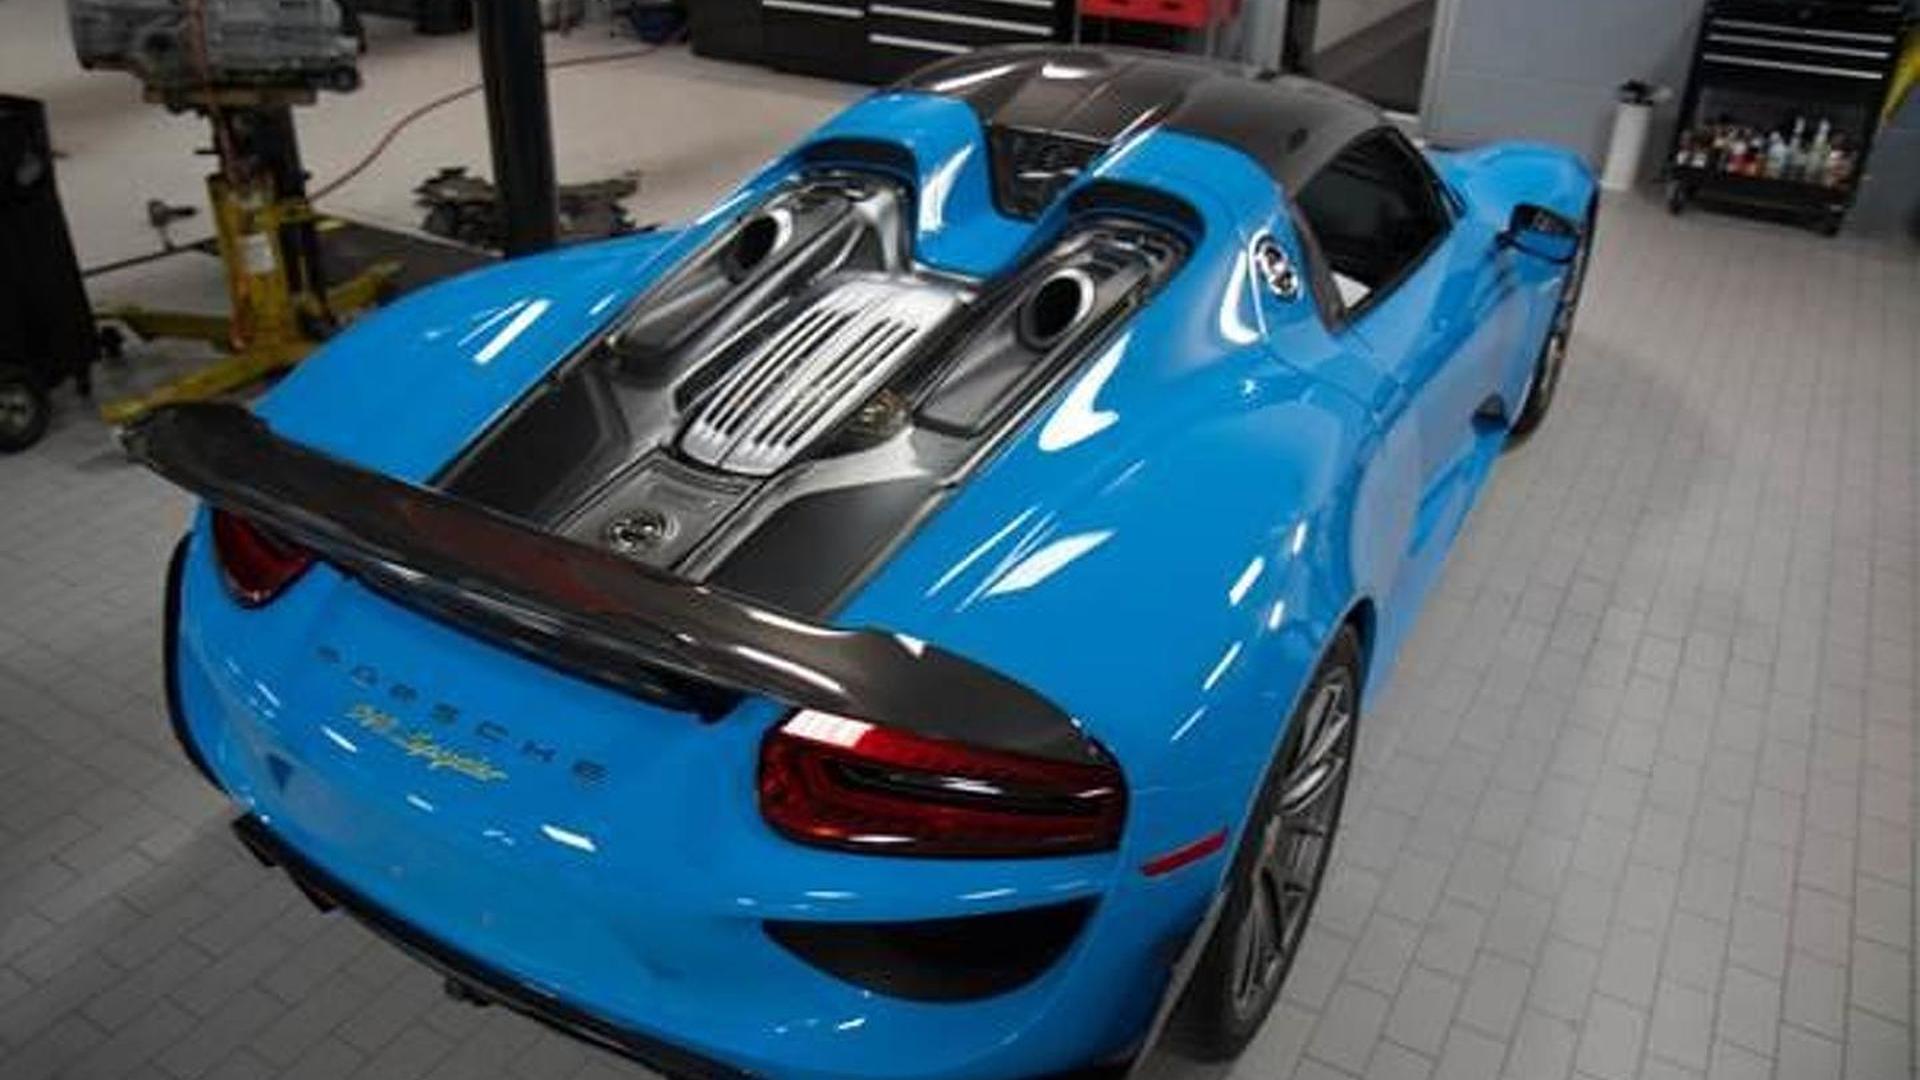 2015-560255-porsche-918-spyder-riviera-blue-with-weissach-package1 Amazing Porsche 918 Spyder sold Out Cars Trend